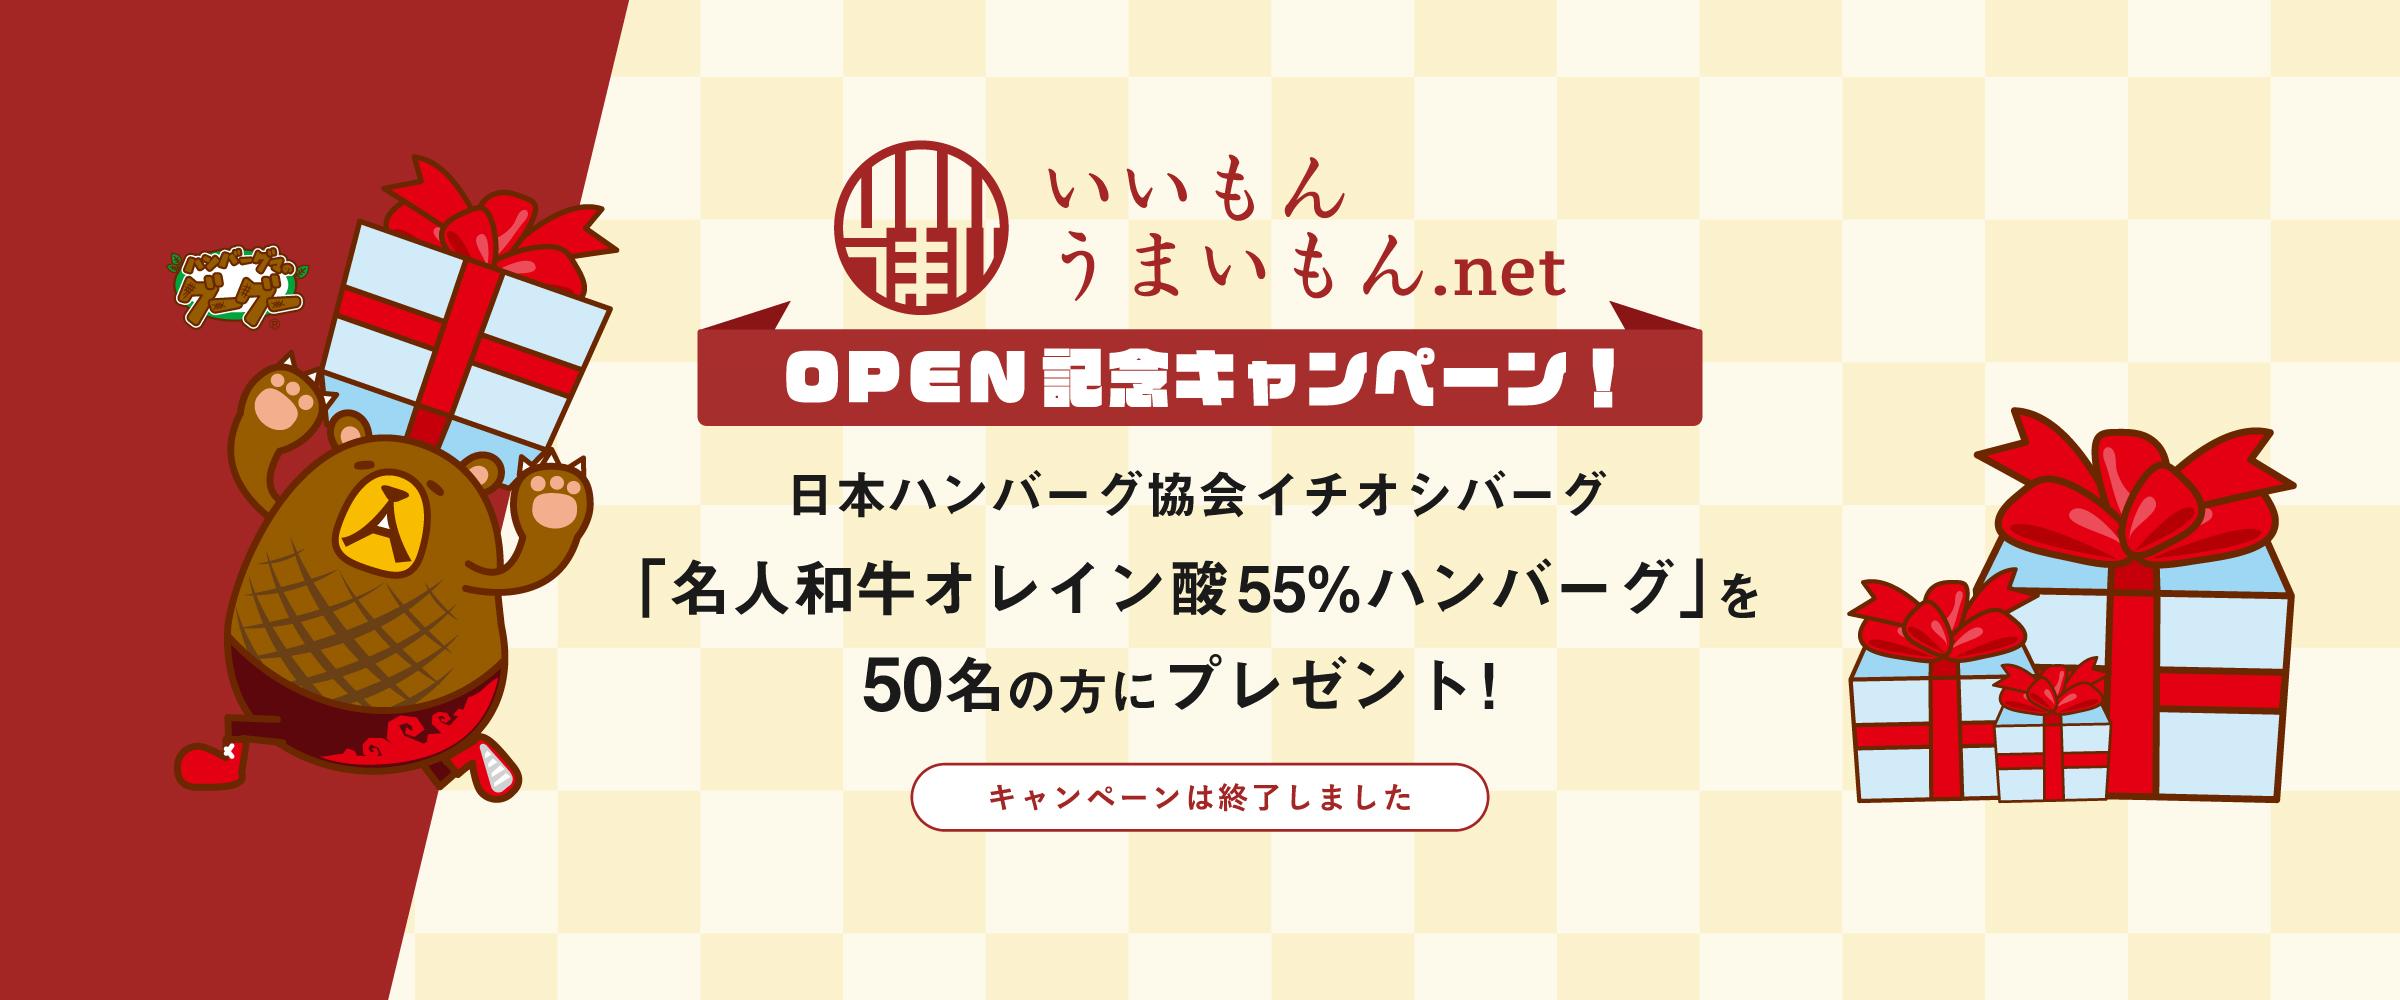 いいもんうまいもん.netオープン記念 名人和牛ハンバーグ プレゼントキャンペーン